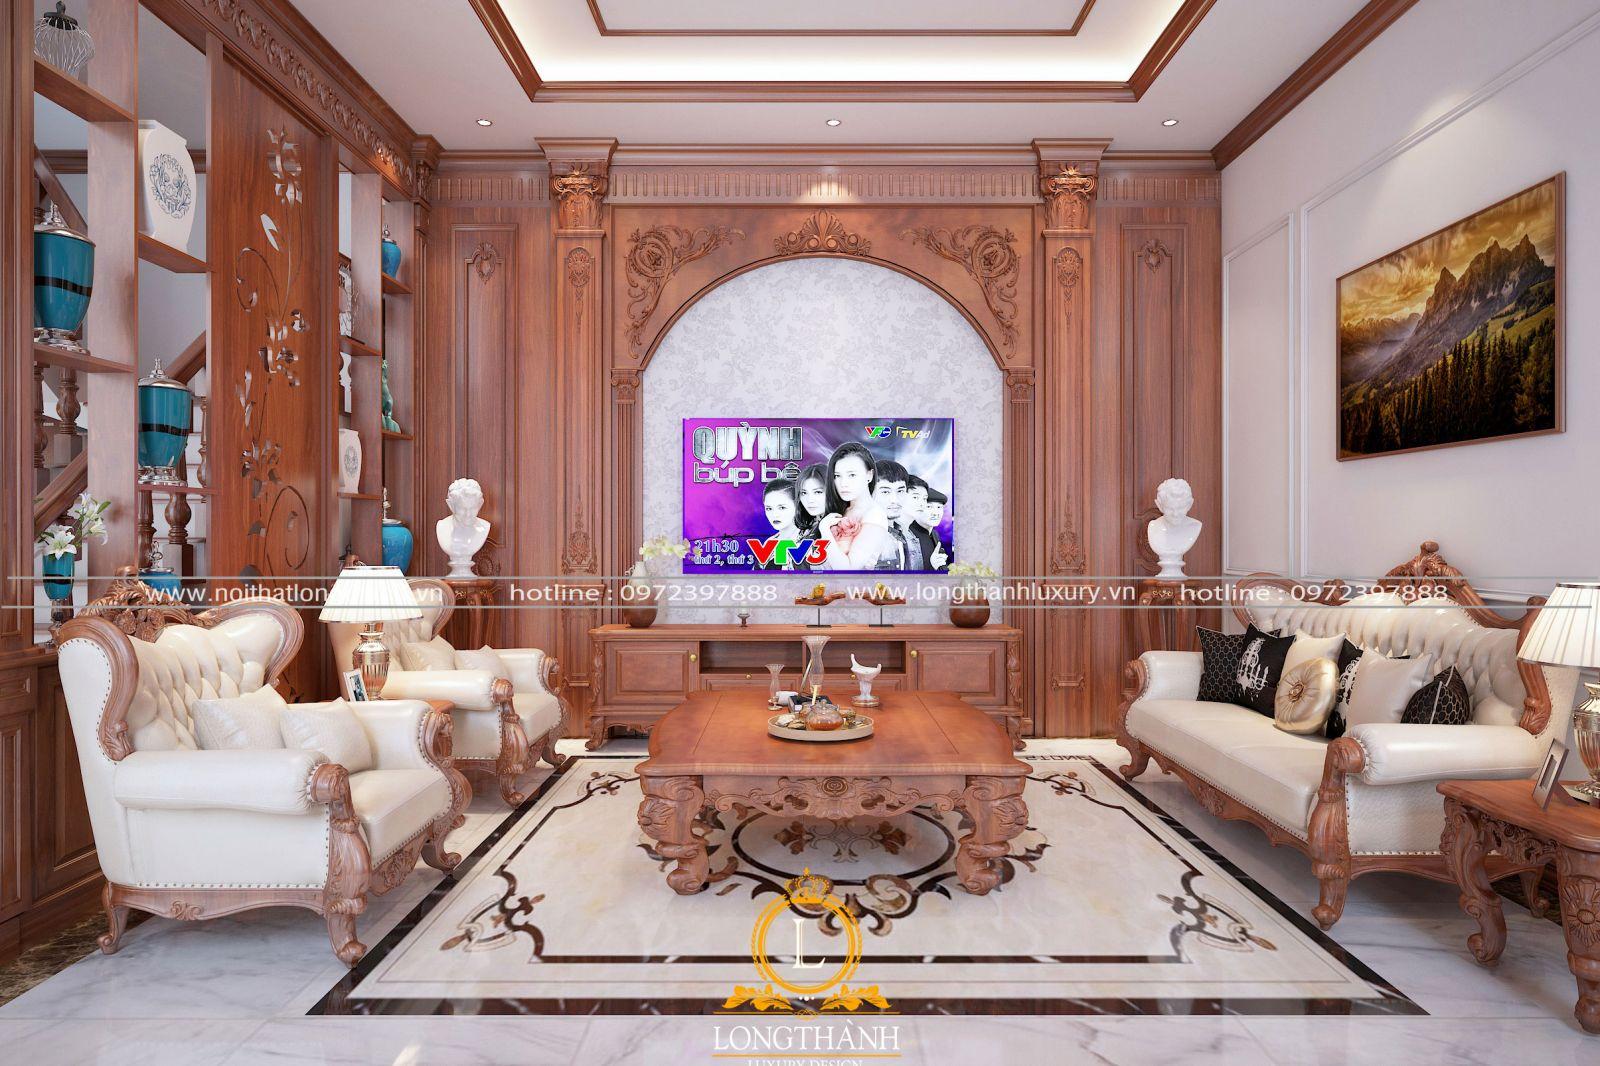 Thiết kế bộ sofa gỗ cần phù hợp với không gian, màu sắc và công năng sử dụng